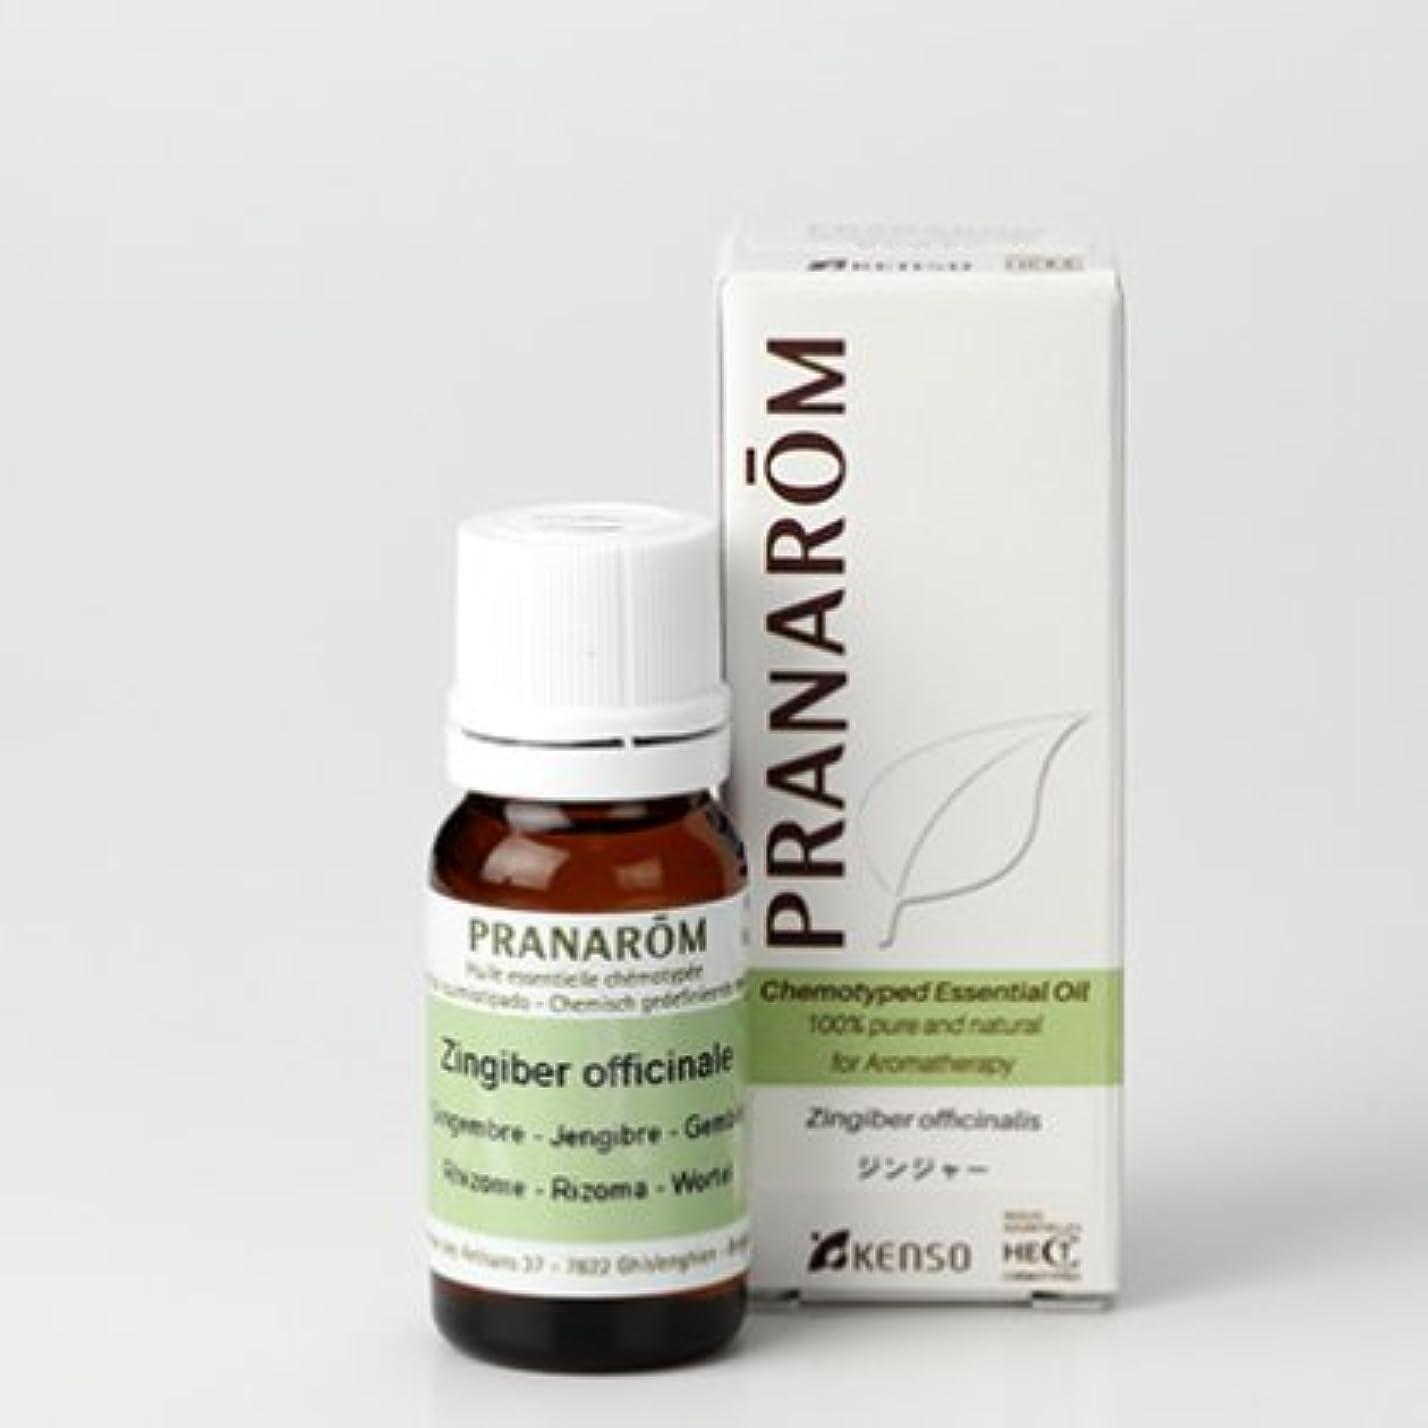 中毒実験的しなければならないジンジャー 10mlミドルノート プラナロム社エッセンシャルオイル(精油)